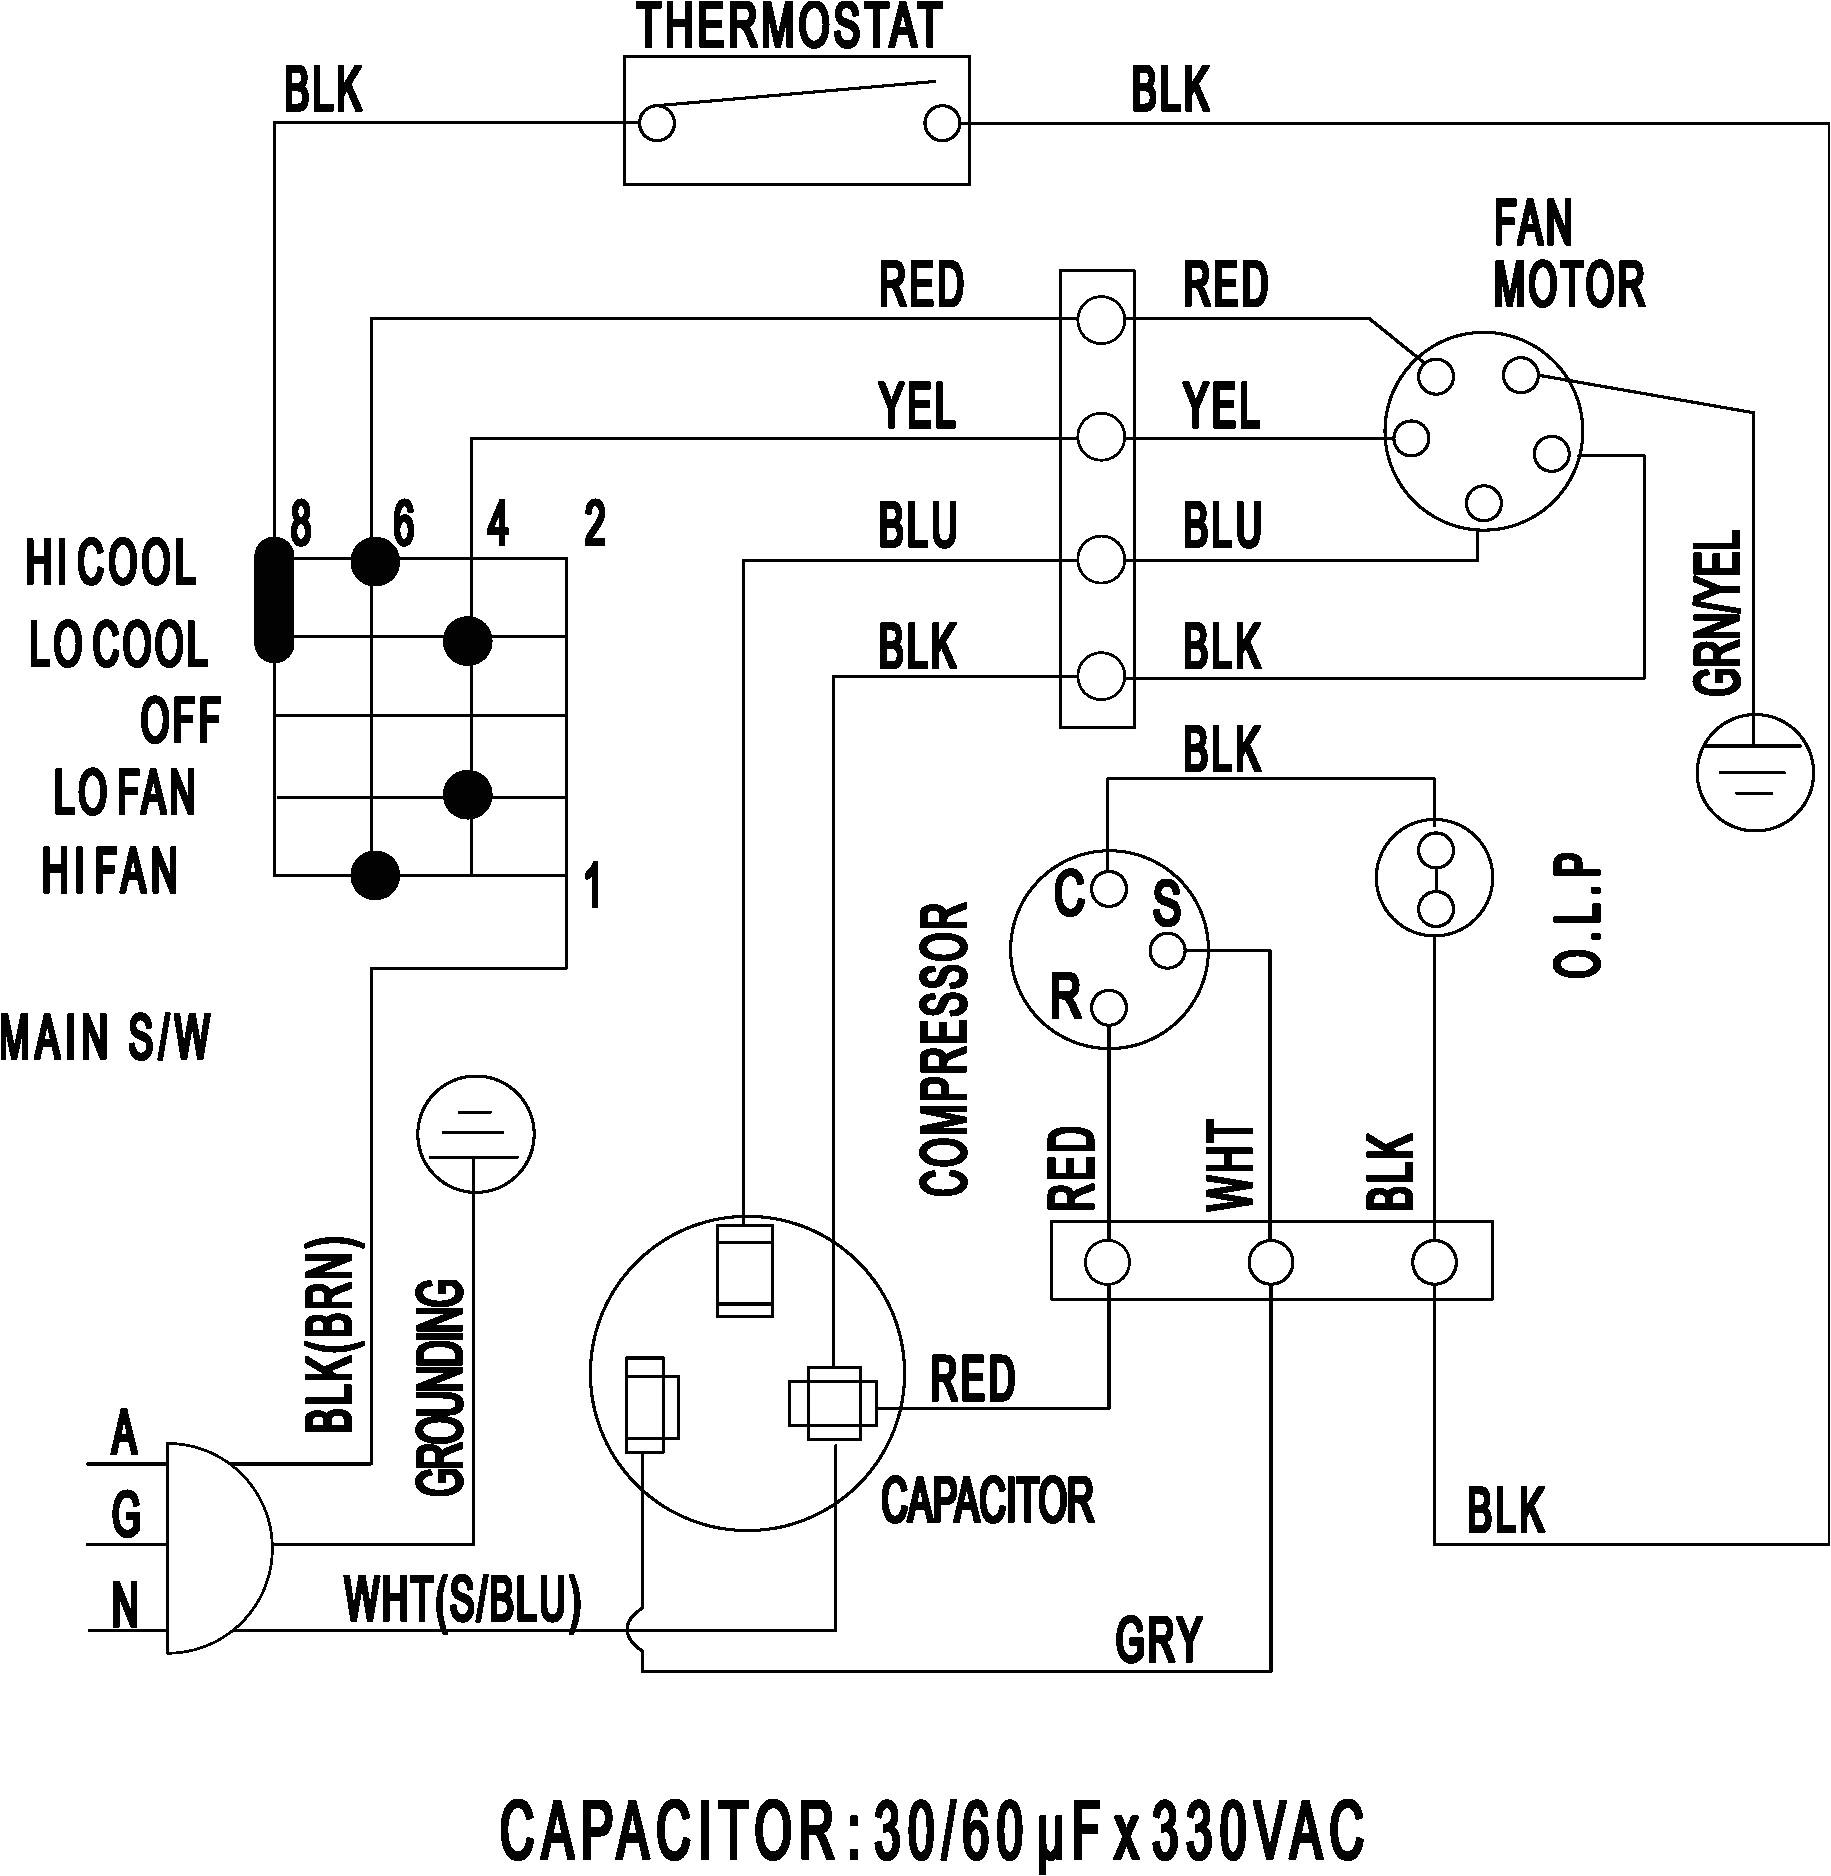 1983 c10 air conditioning compressor wiring diagram premium wiring mix ac wiring schematics wiring diagram 1983